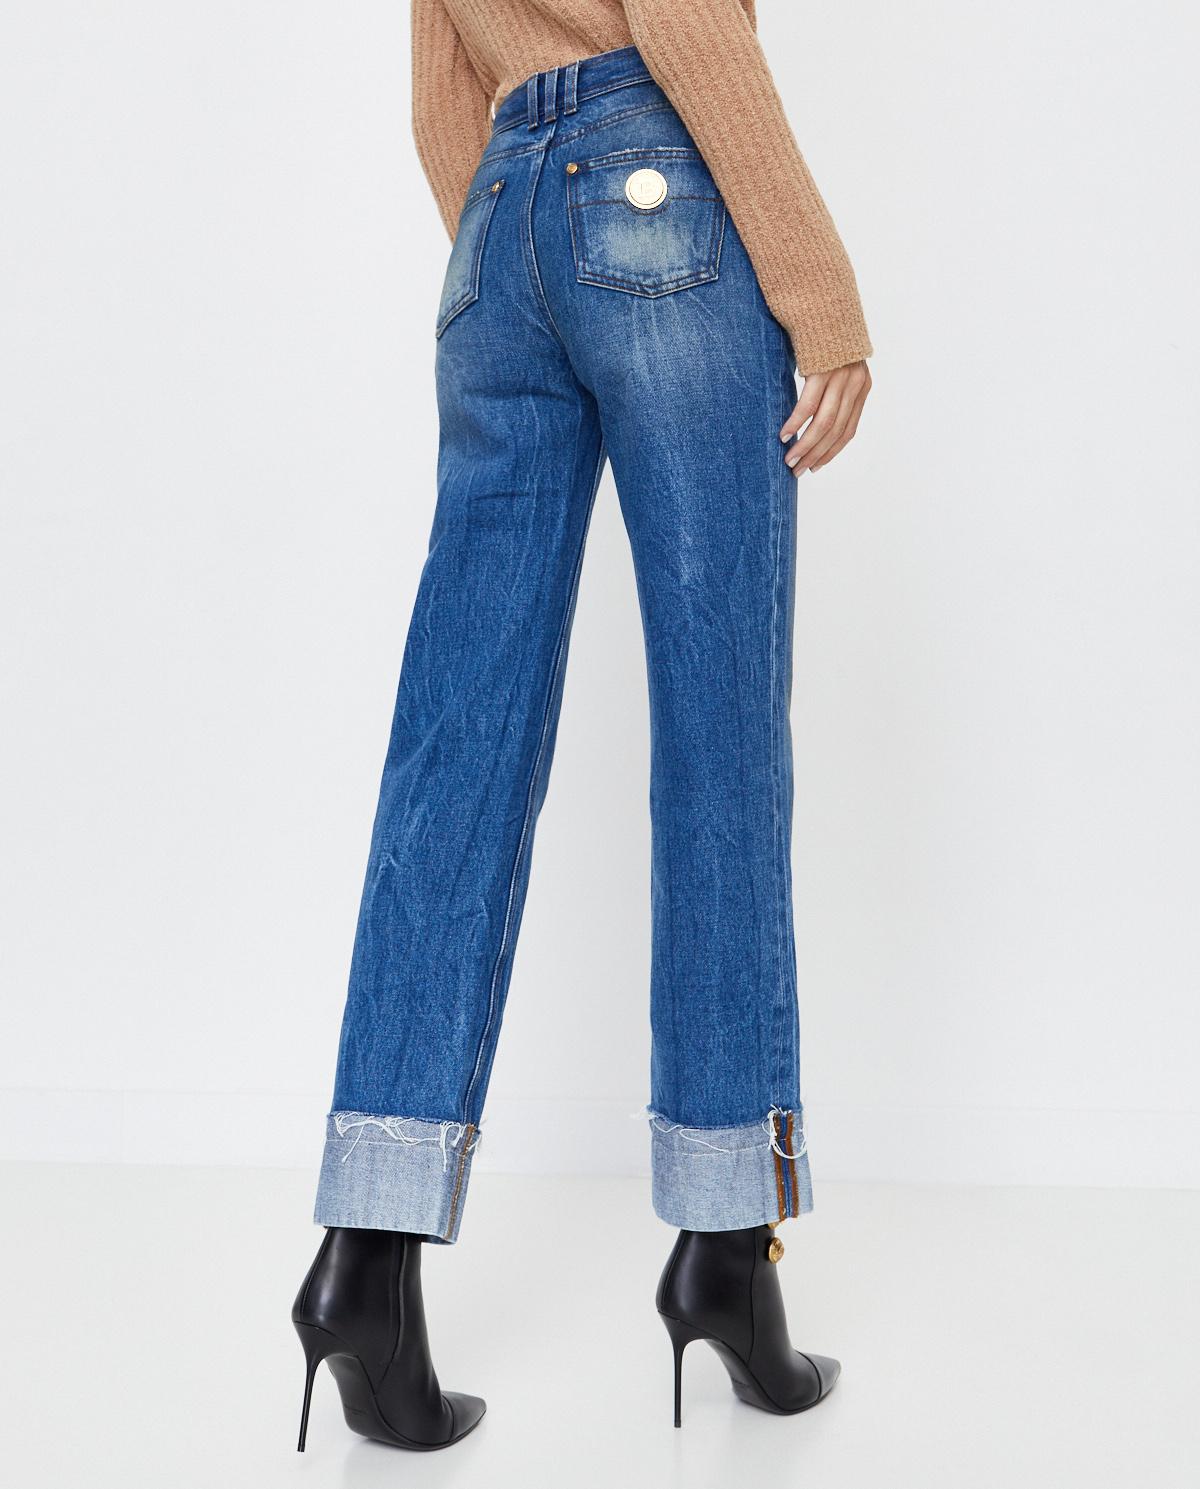 Jeansy z prostą nogawką Balmain UF15570D059 6FF